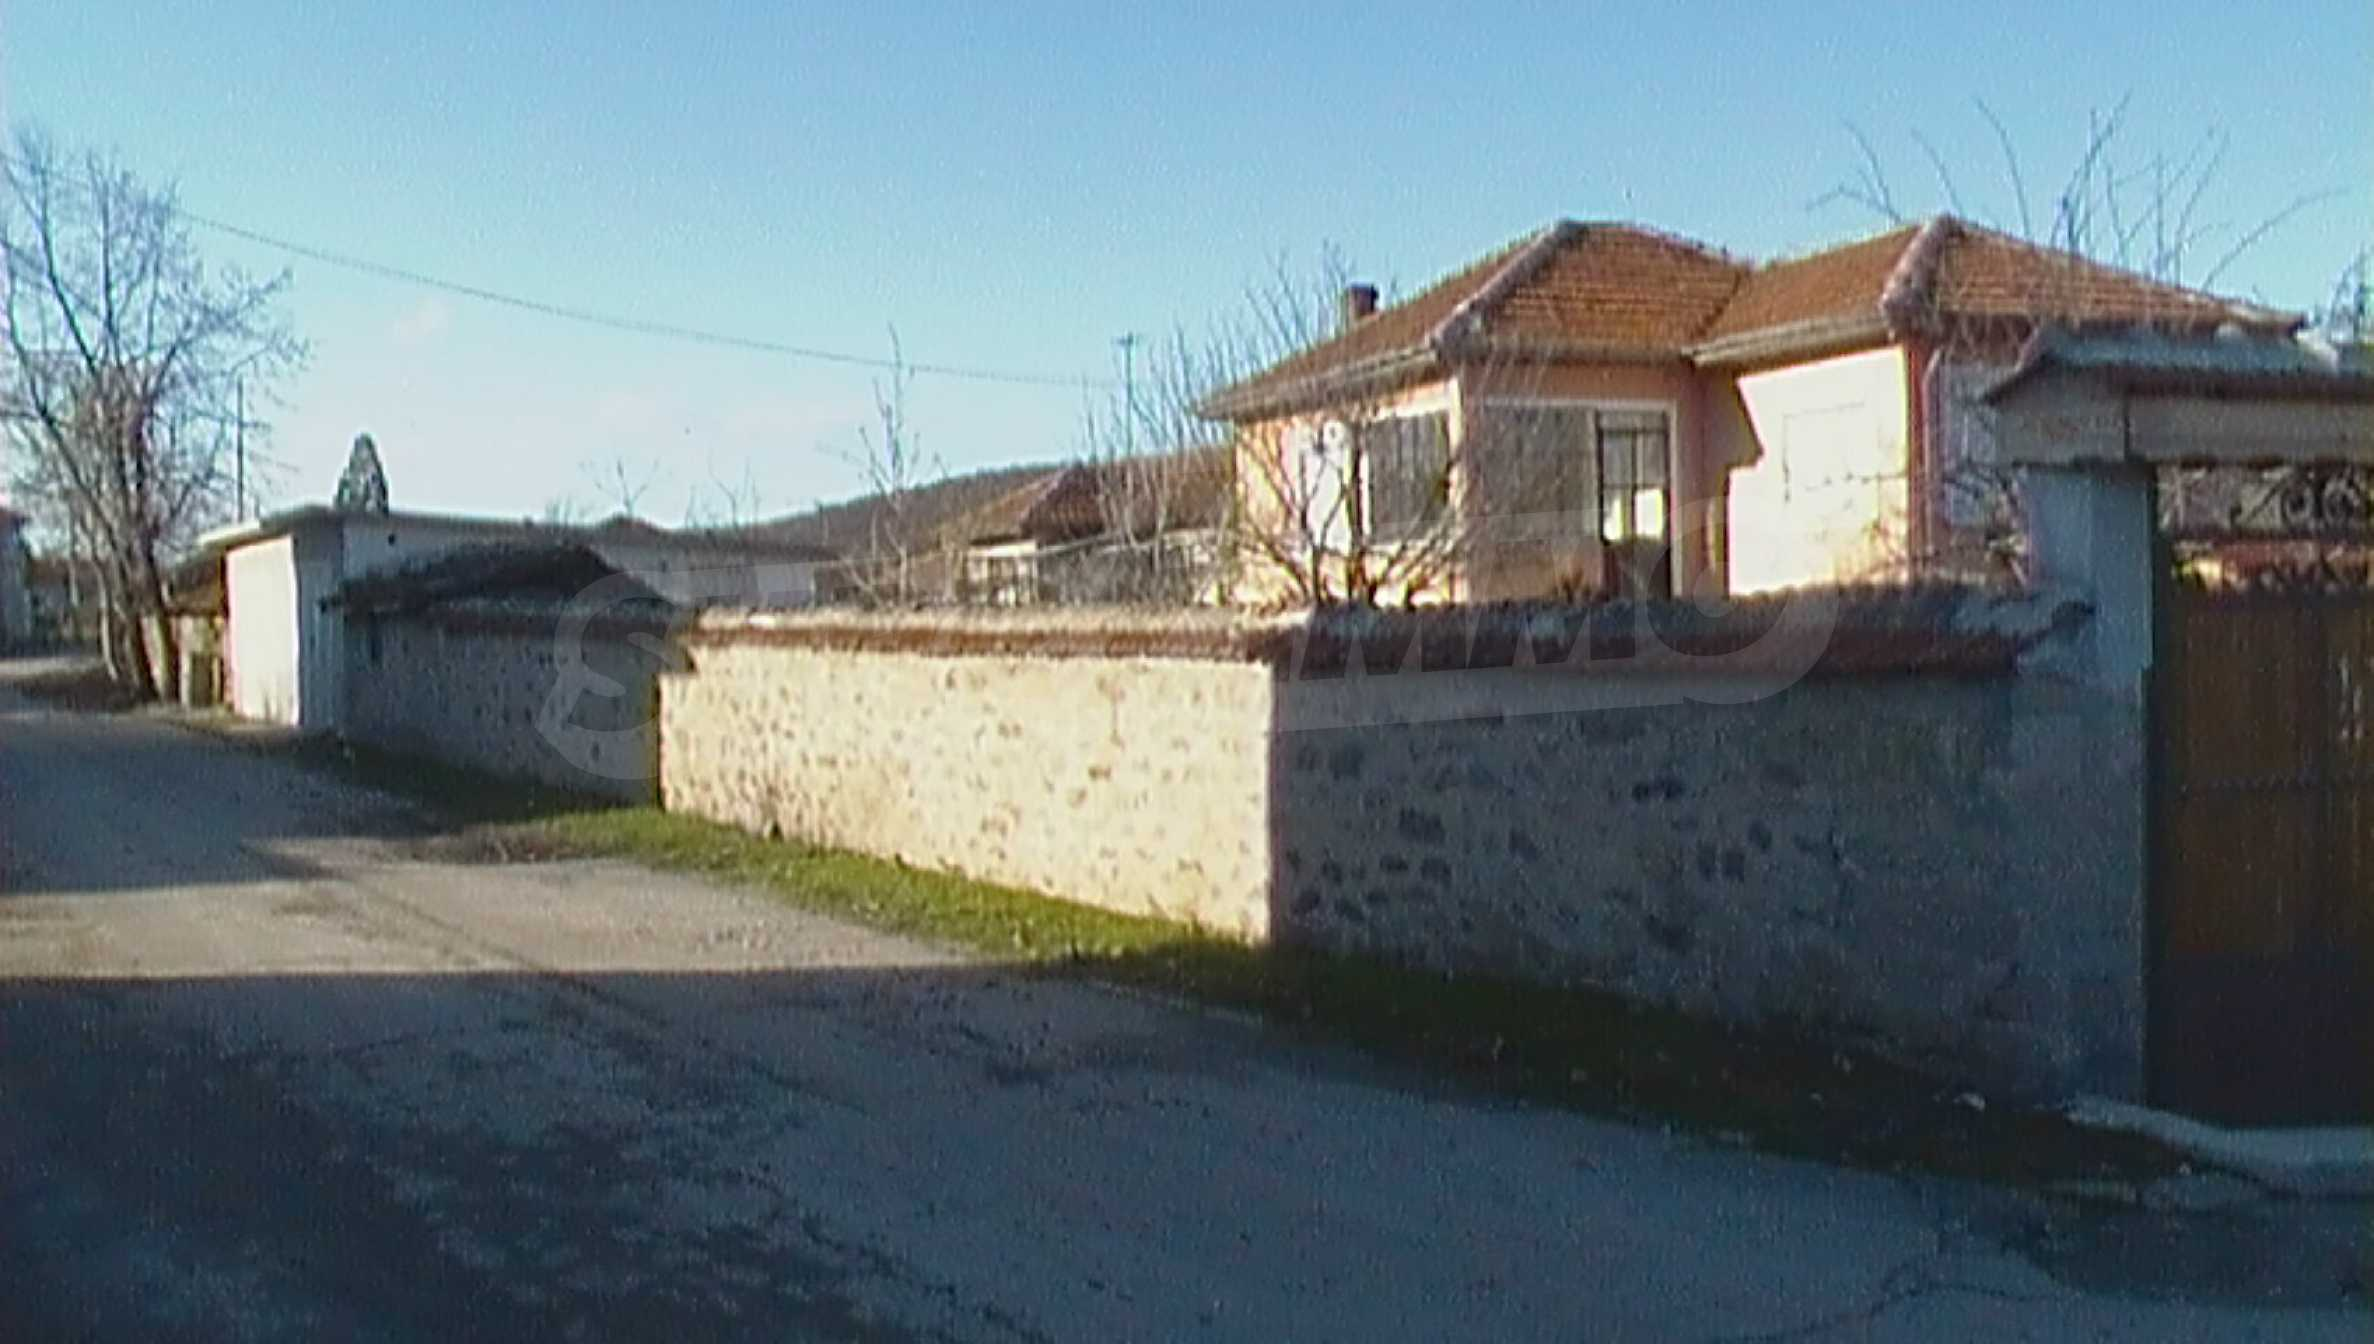 Ein solides zweistöckiges Haus in einem ruhigen Dorf in der Nähe von Kurort und Haskovo 24